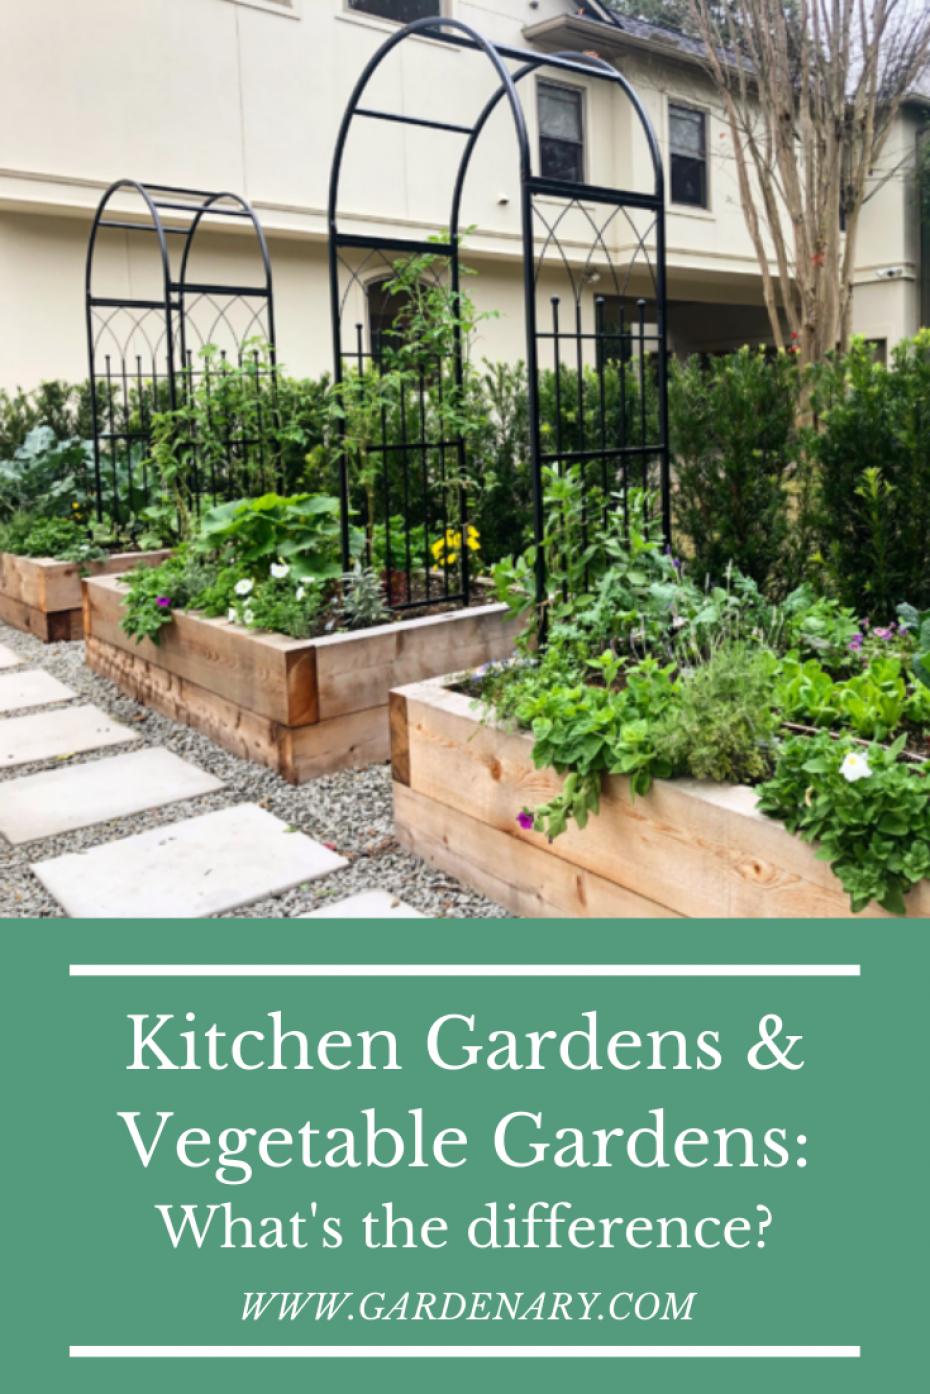 Kitchen Garden vs. Vegetable Garden • Gardenary   Garden layout ...